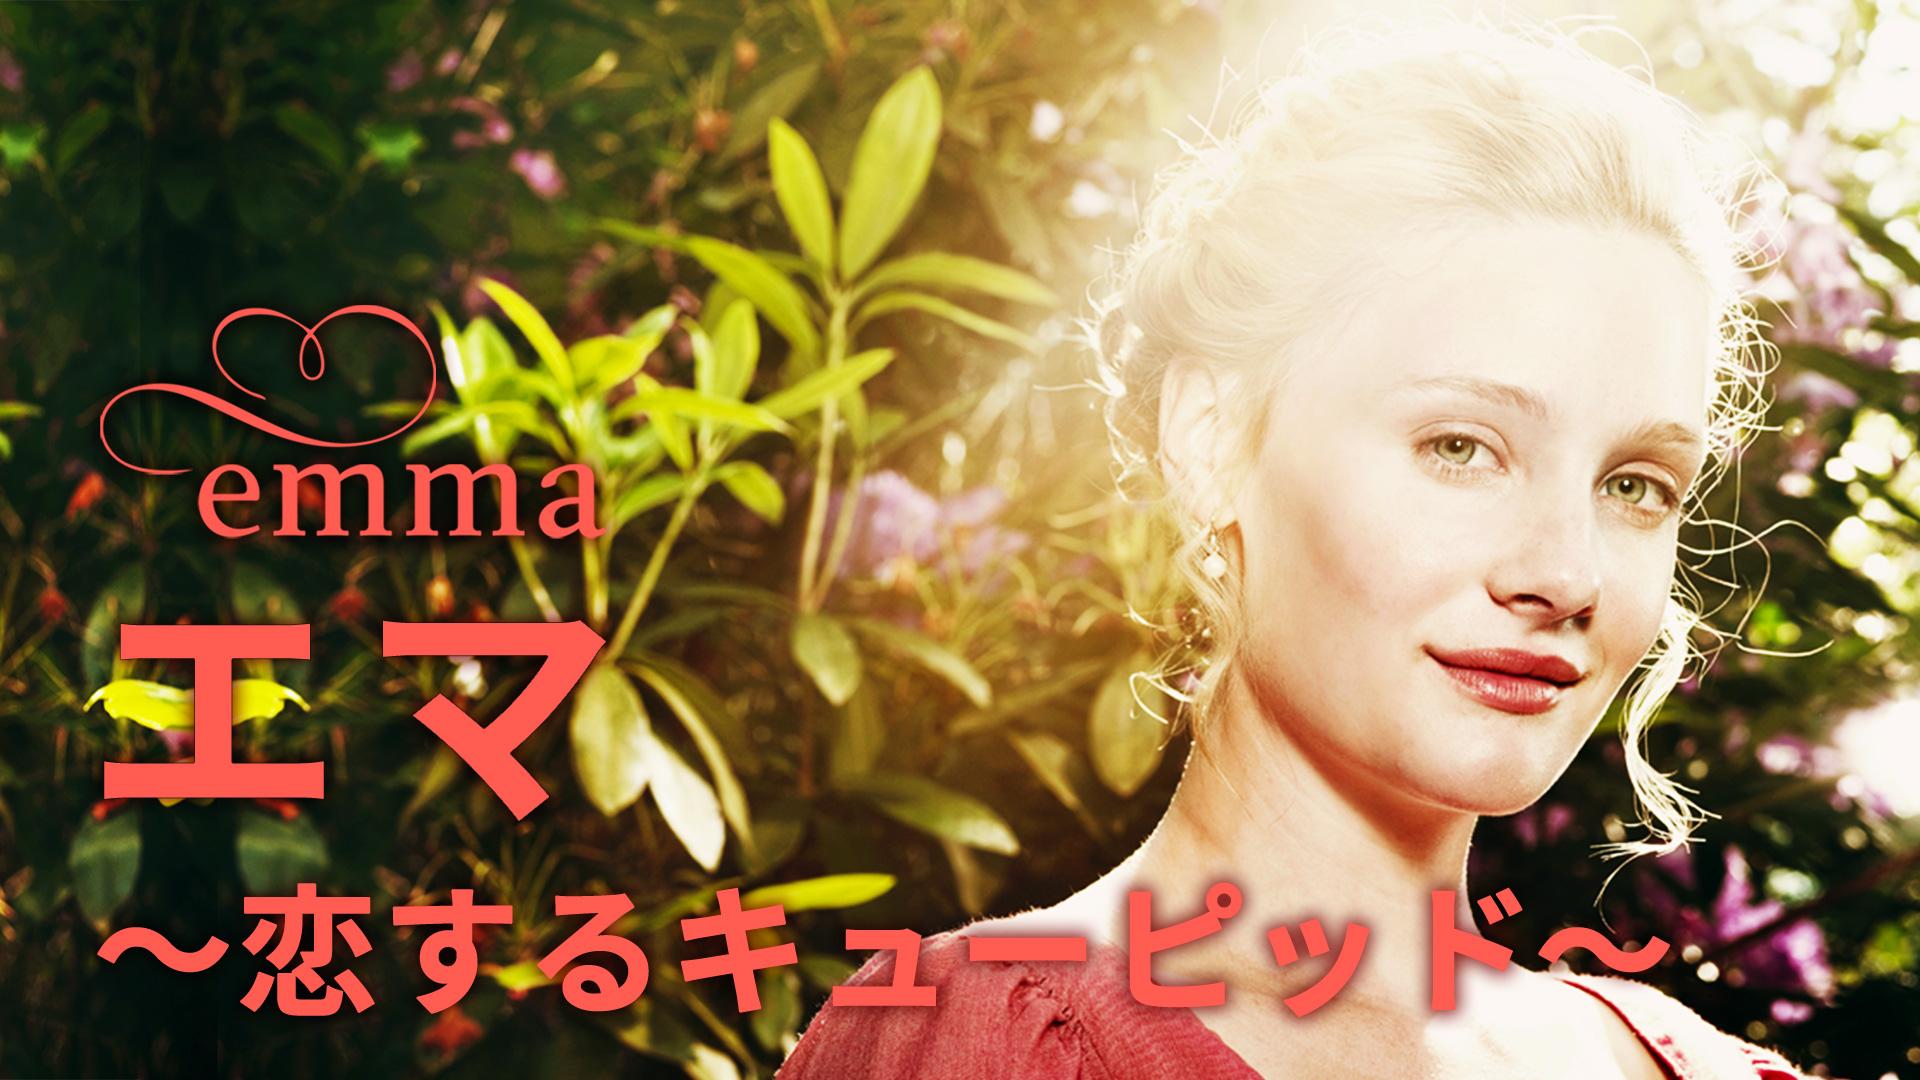 エマ 恋するキューピッド(字幕版)